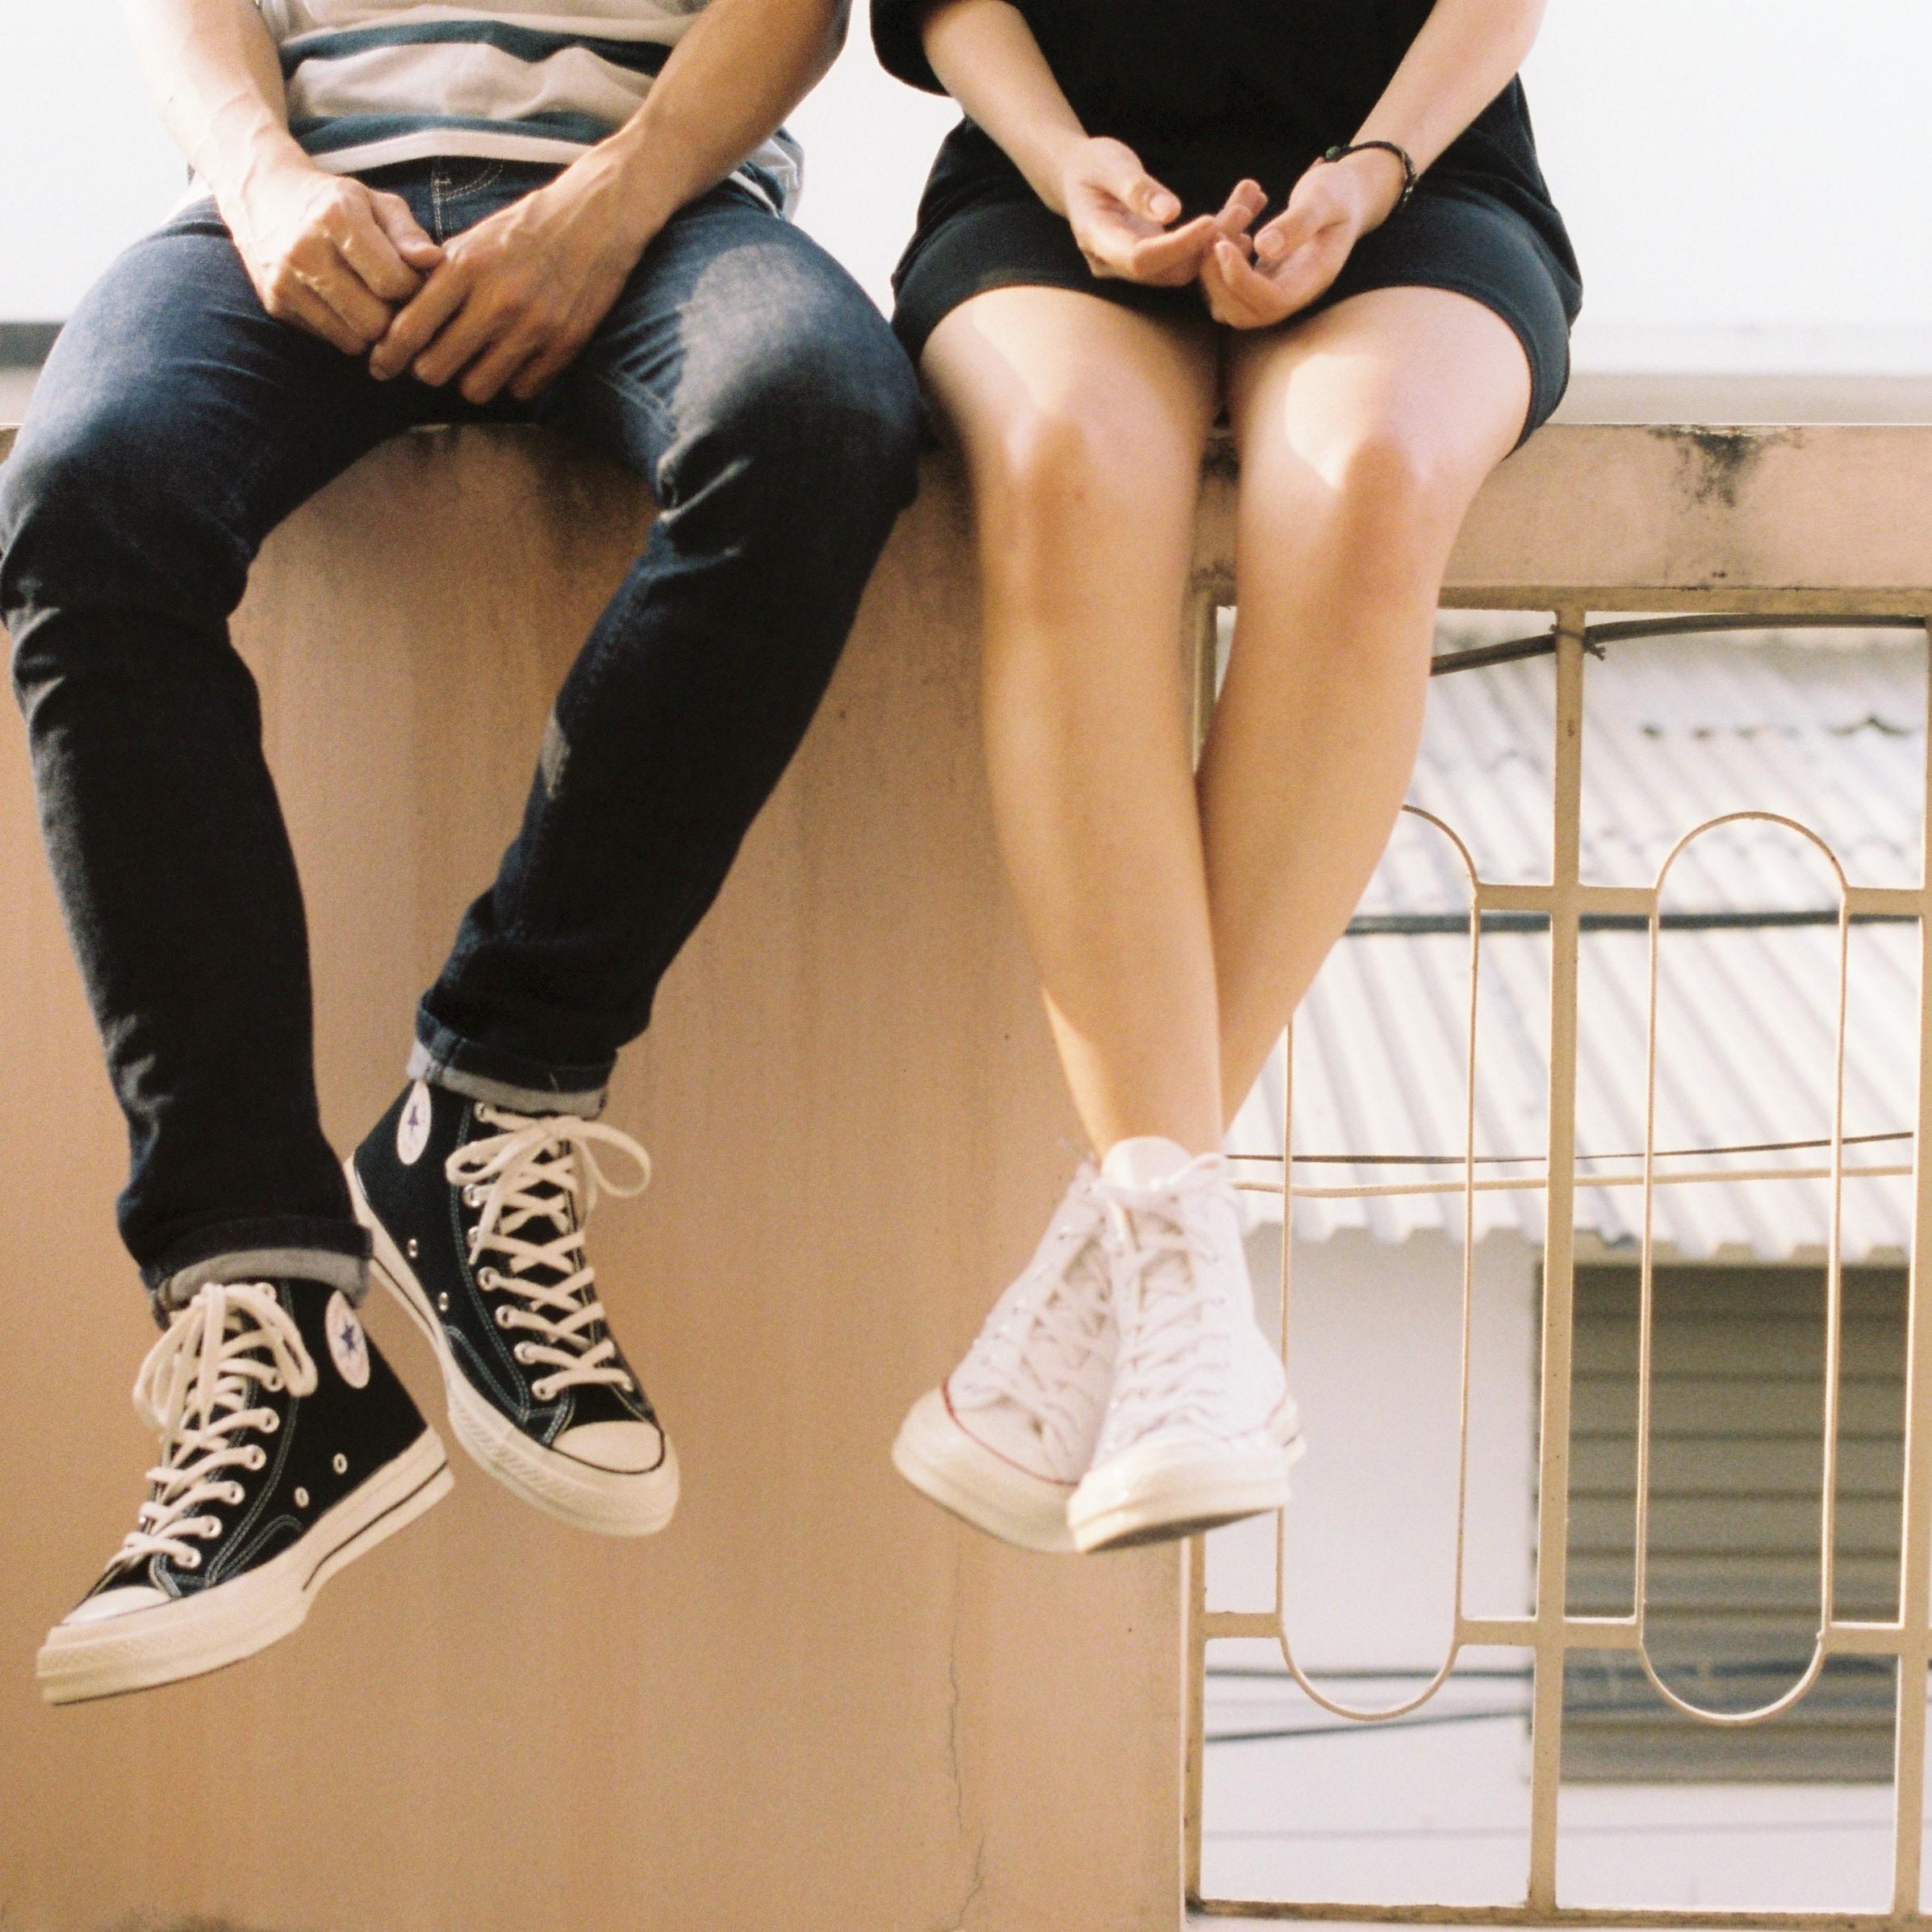 http://www.espanaaqui.com.br/pdf/Fotos%20para%20revista/adolescent-brand-canvass-1021145%20(1).jpg